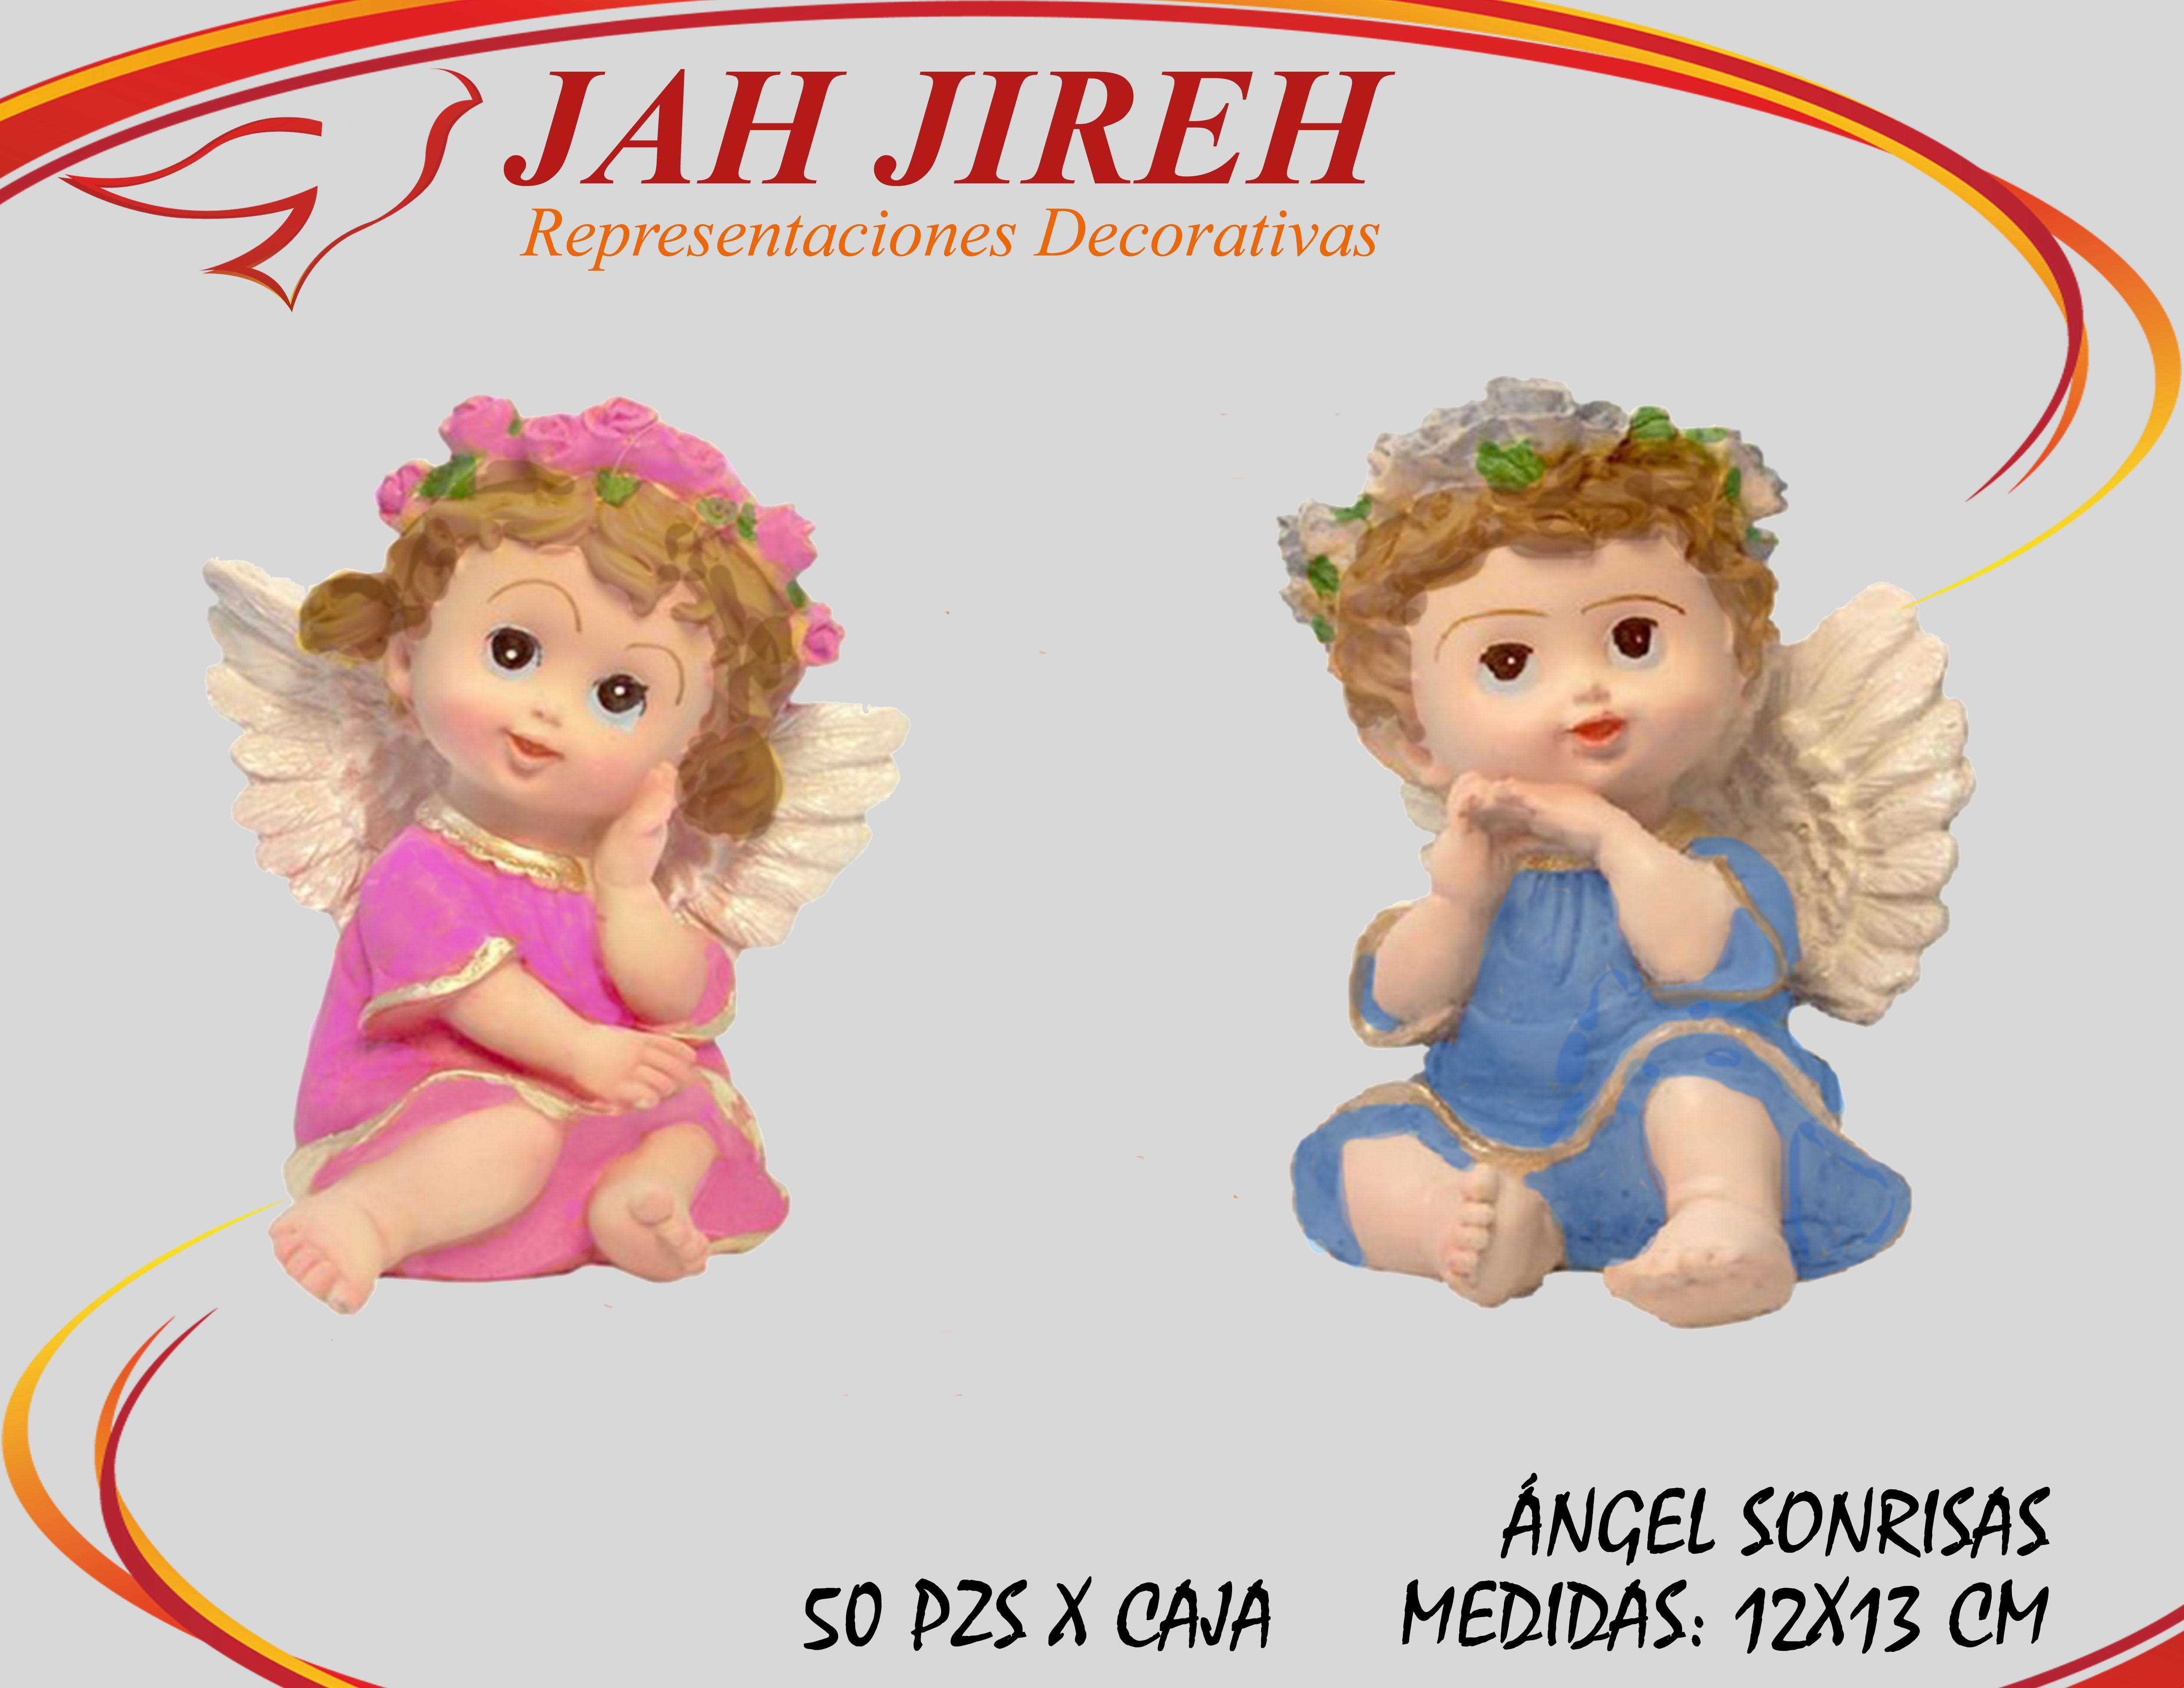 https://0201.nccdn.net/1_2/000/000/186/080/angel-sonrisas.jpg